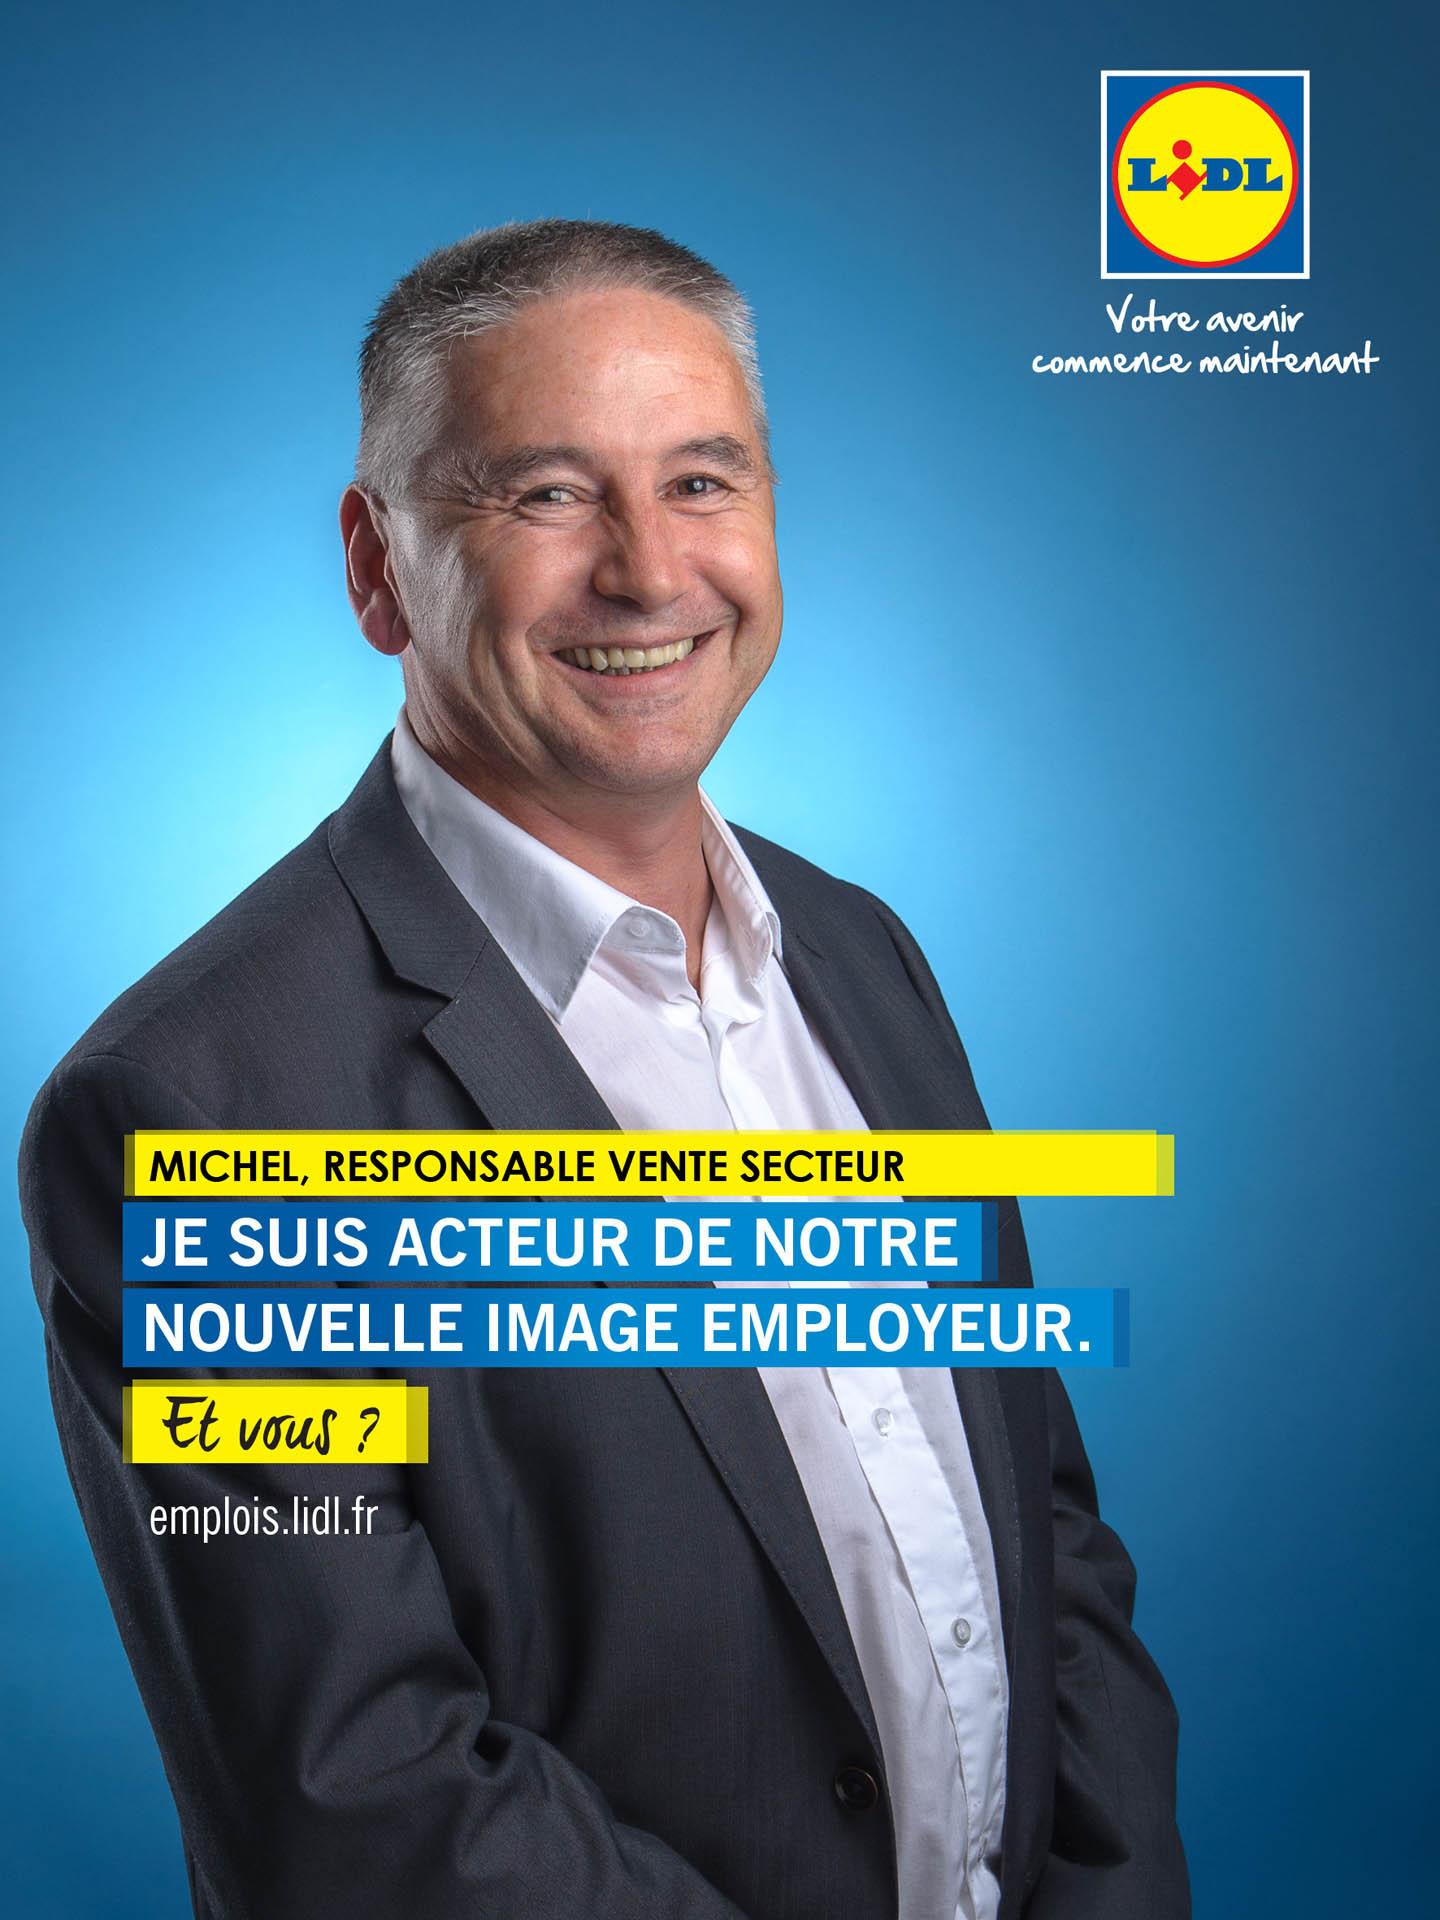 Photographe Portrait Corporate Professionnel En Entreprise, Savoie